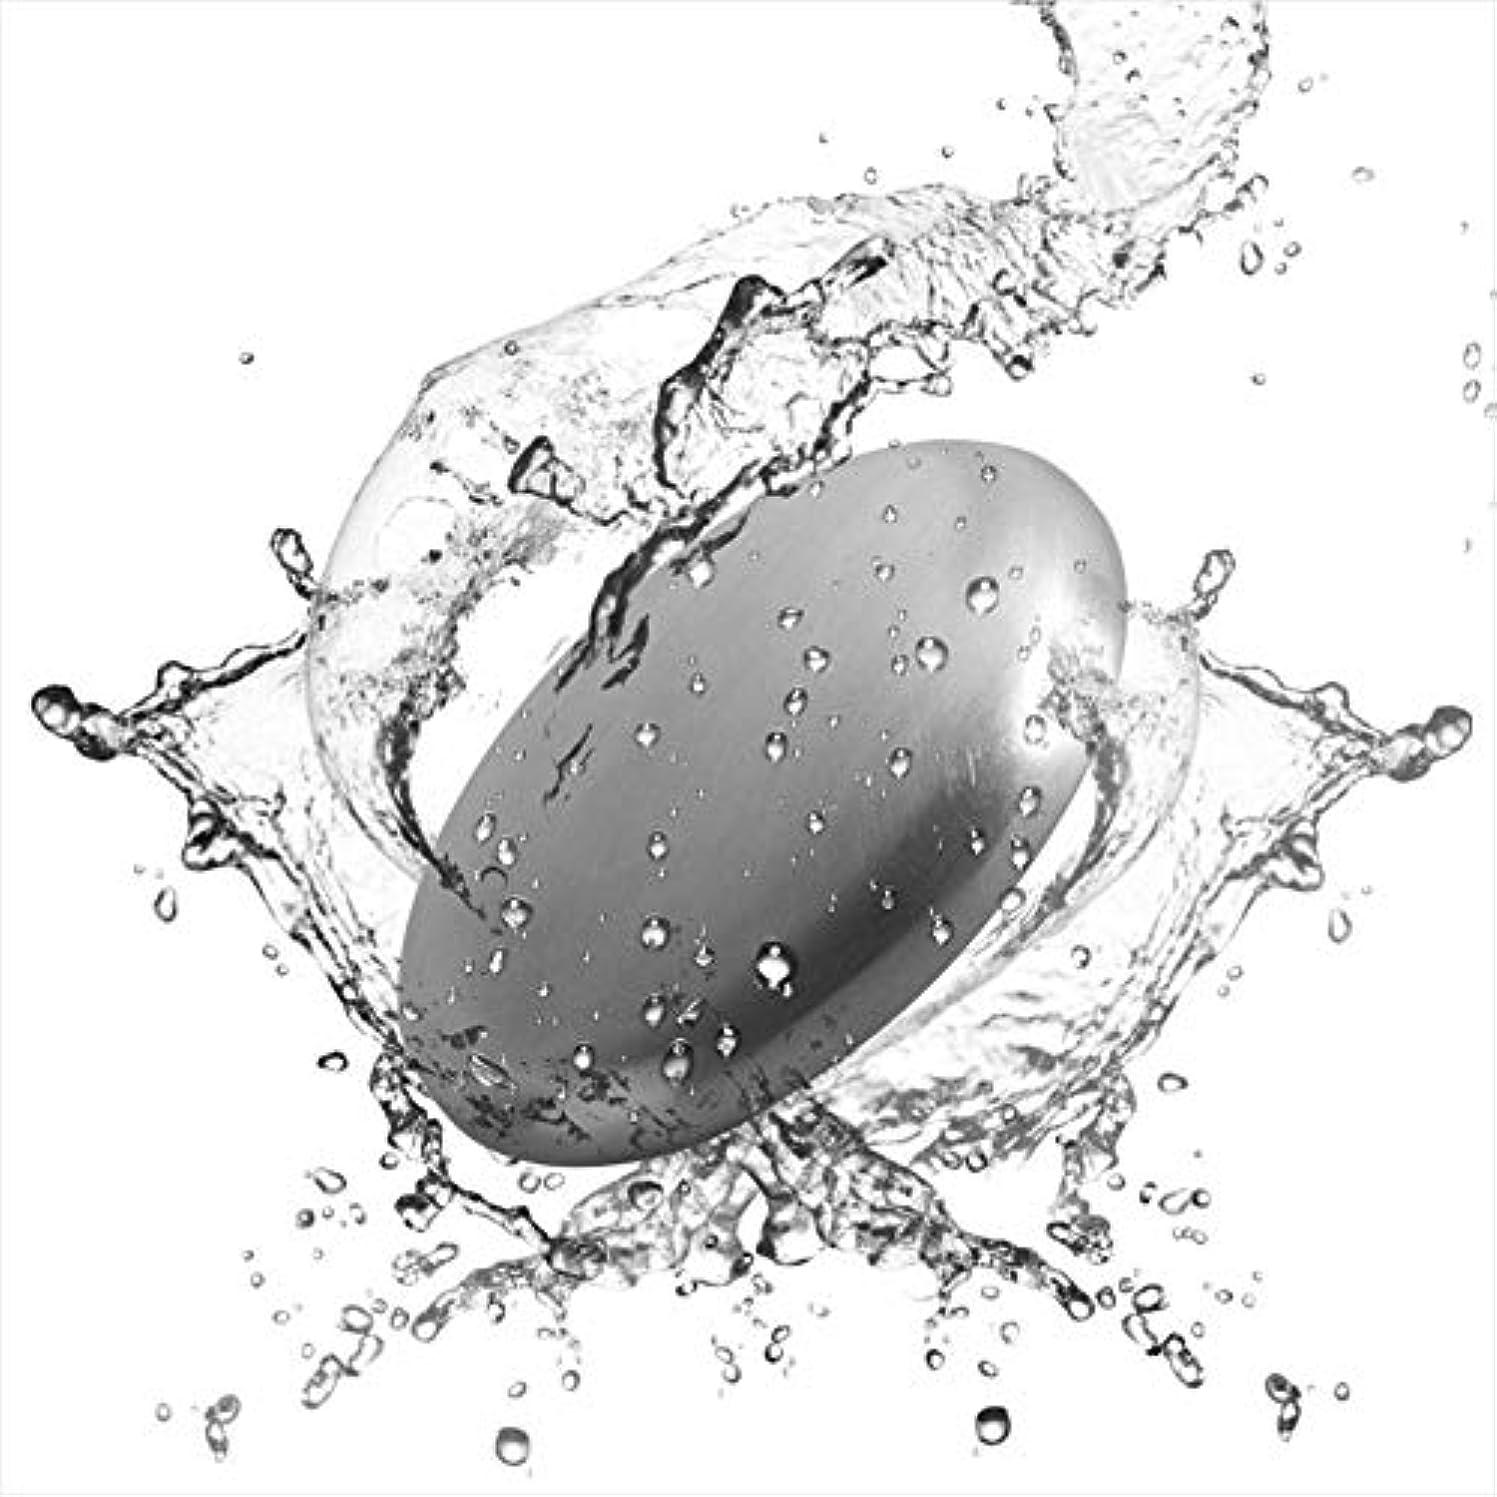 キャプテンブライ議会守銭奴Refoiner ステンレス製品 ソープ 実用的な台所用具 石鹸 魚臭 玉ねぎやニンニク 異臭を取り除く 2個